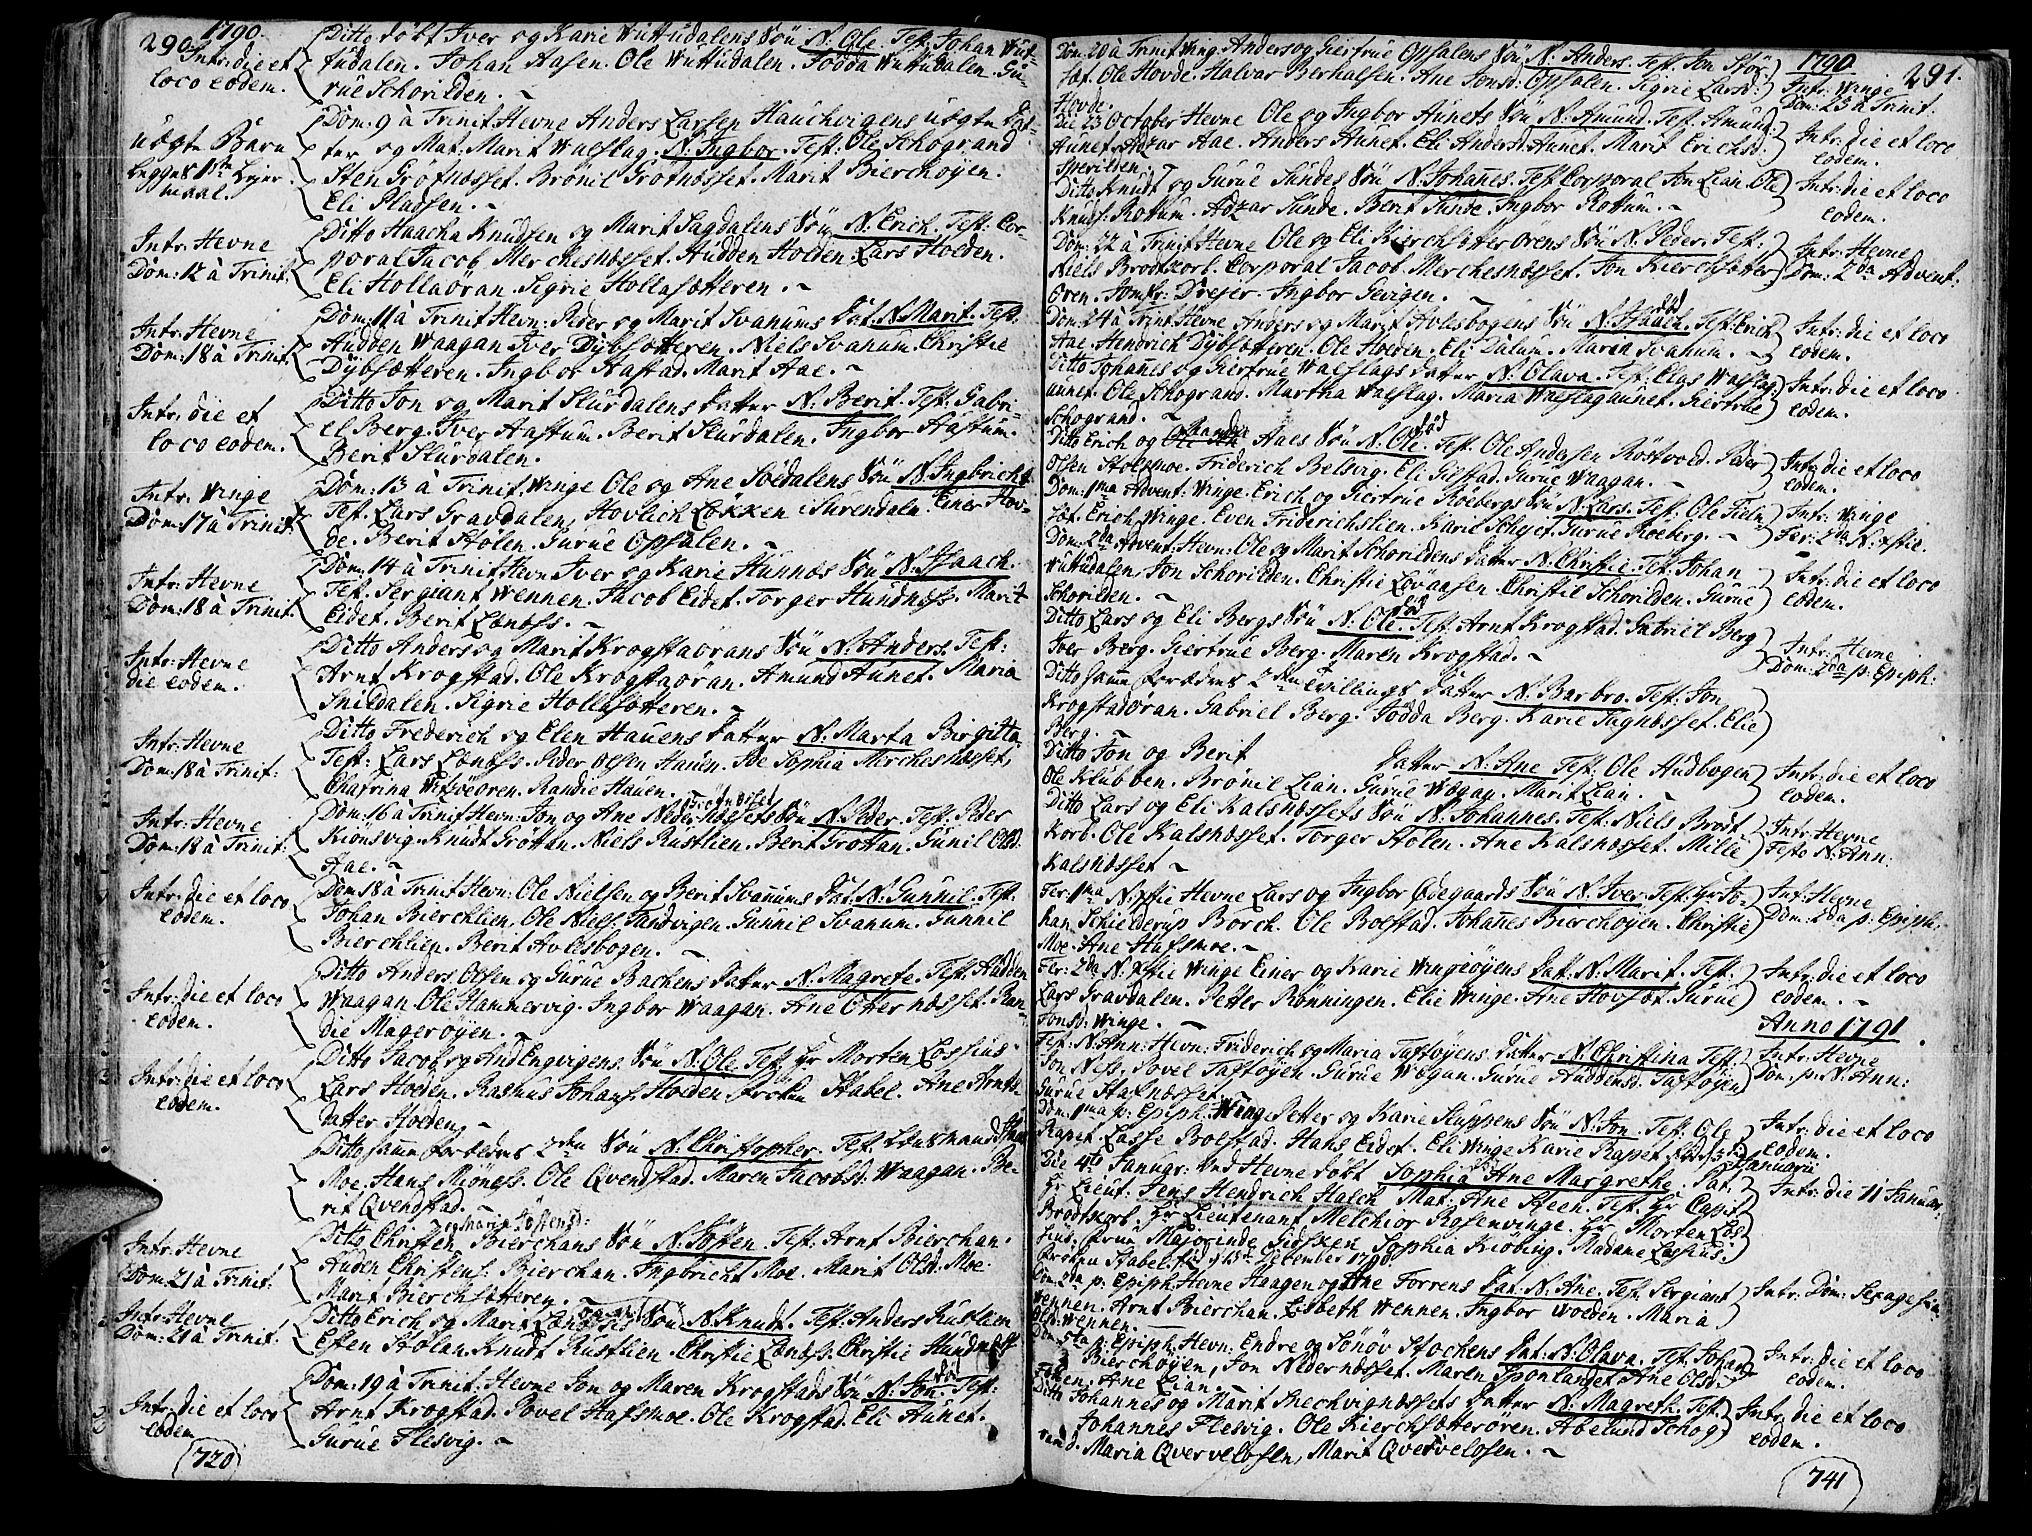 SAT, Ministerialprotokoller, klokkerbøker og fødselsregistre - Sør-Trøndelag, 630/L0489: Ministerialbok nr. 630A02, 1757-1794, s. 290-291